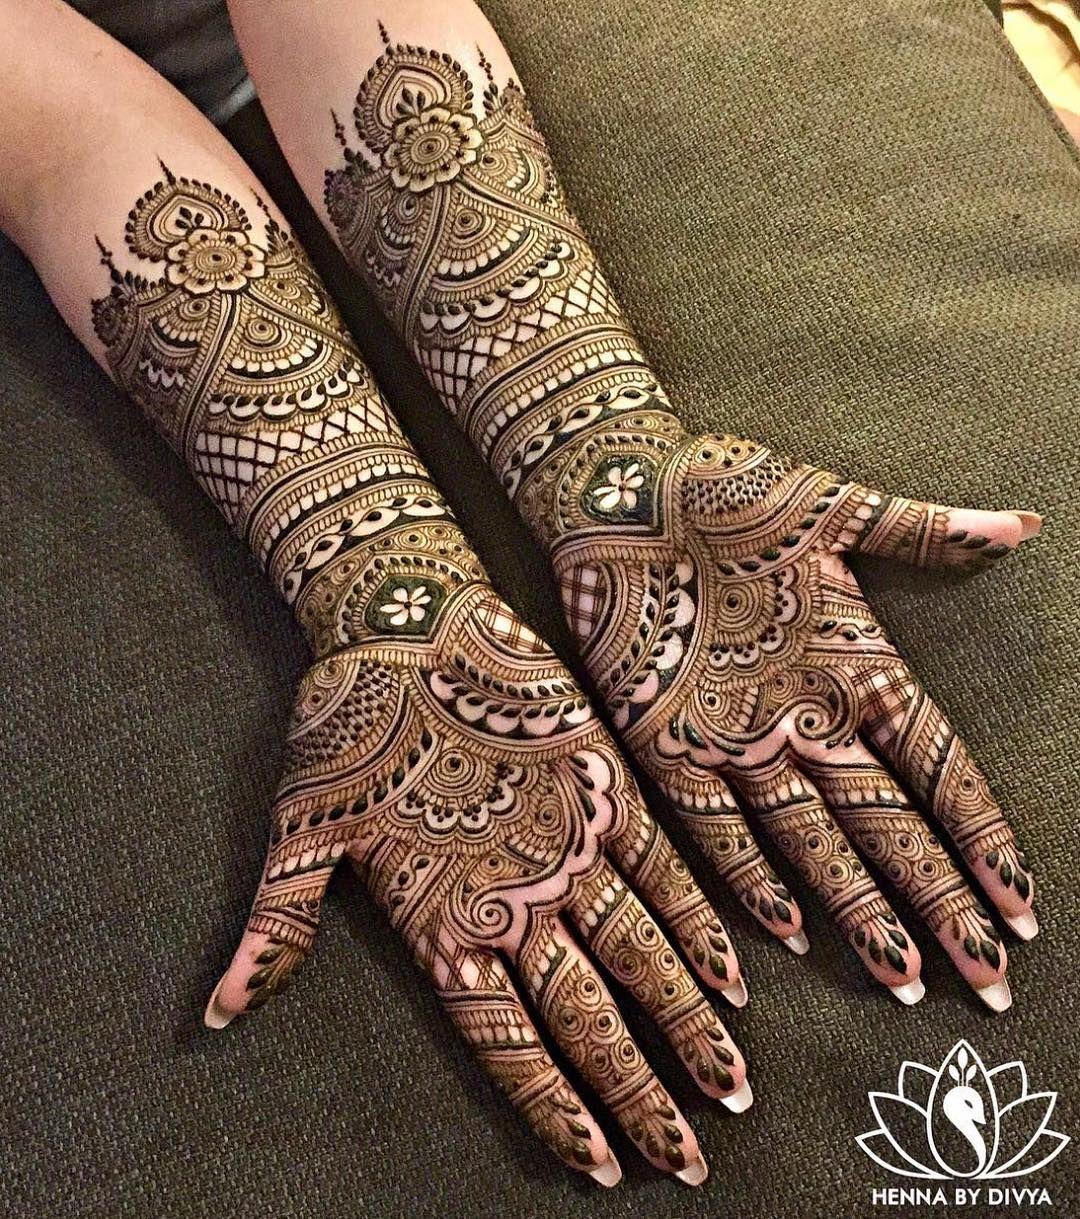 Indian Wedding Buzz (@indianweddingbuzz) on Instagram